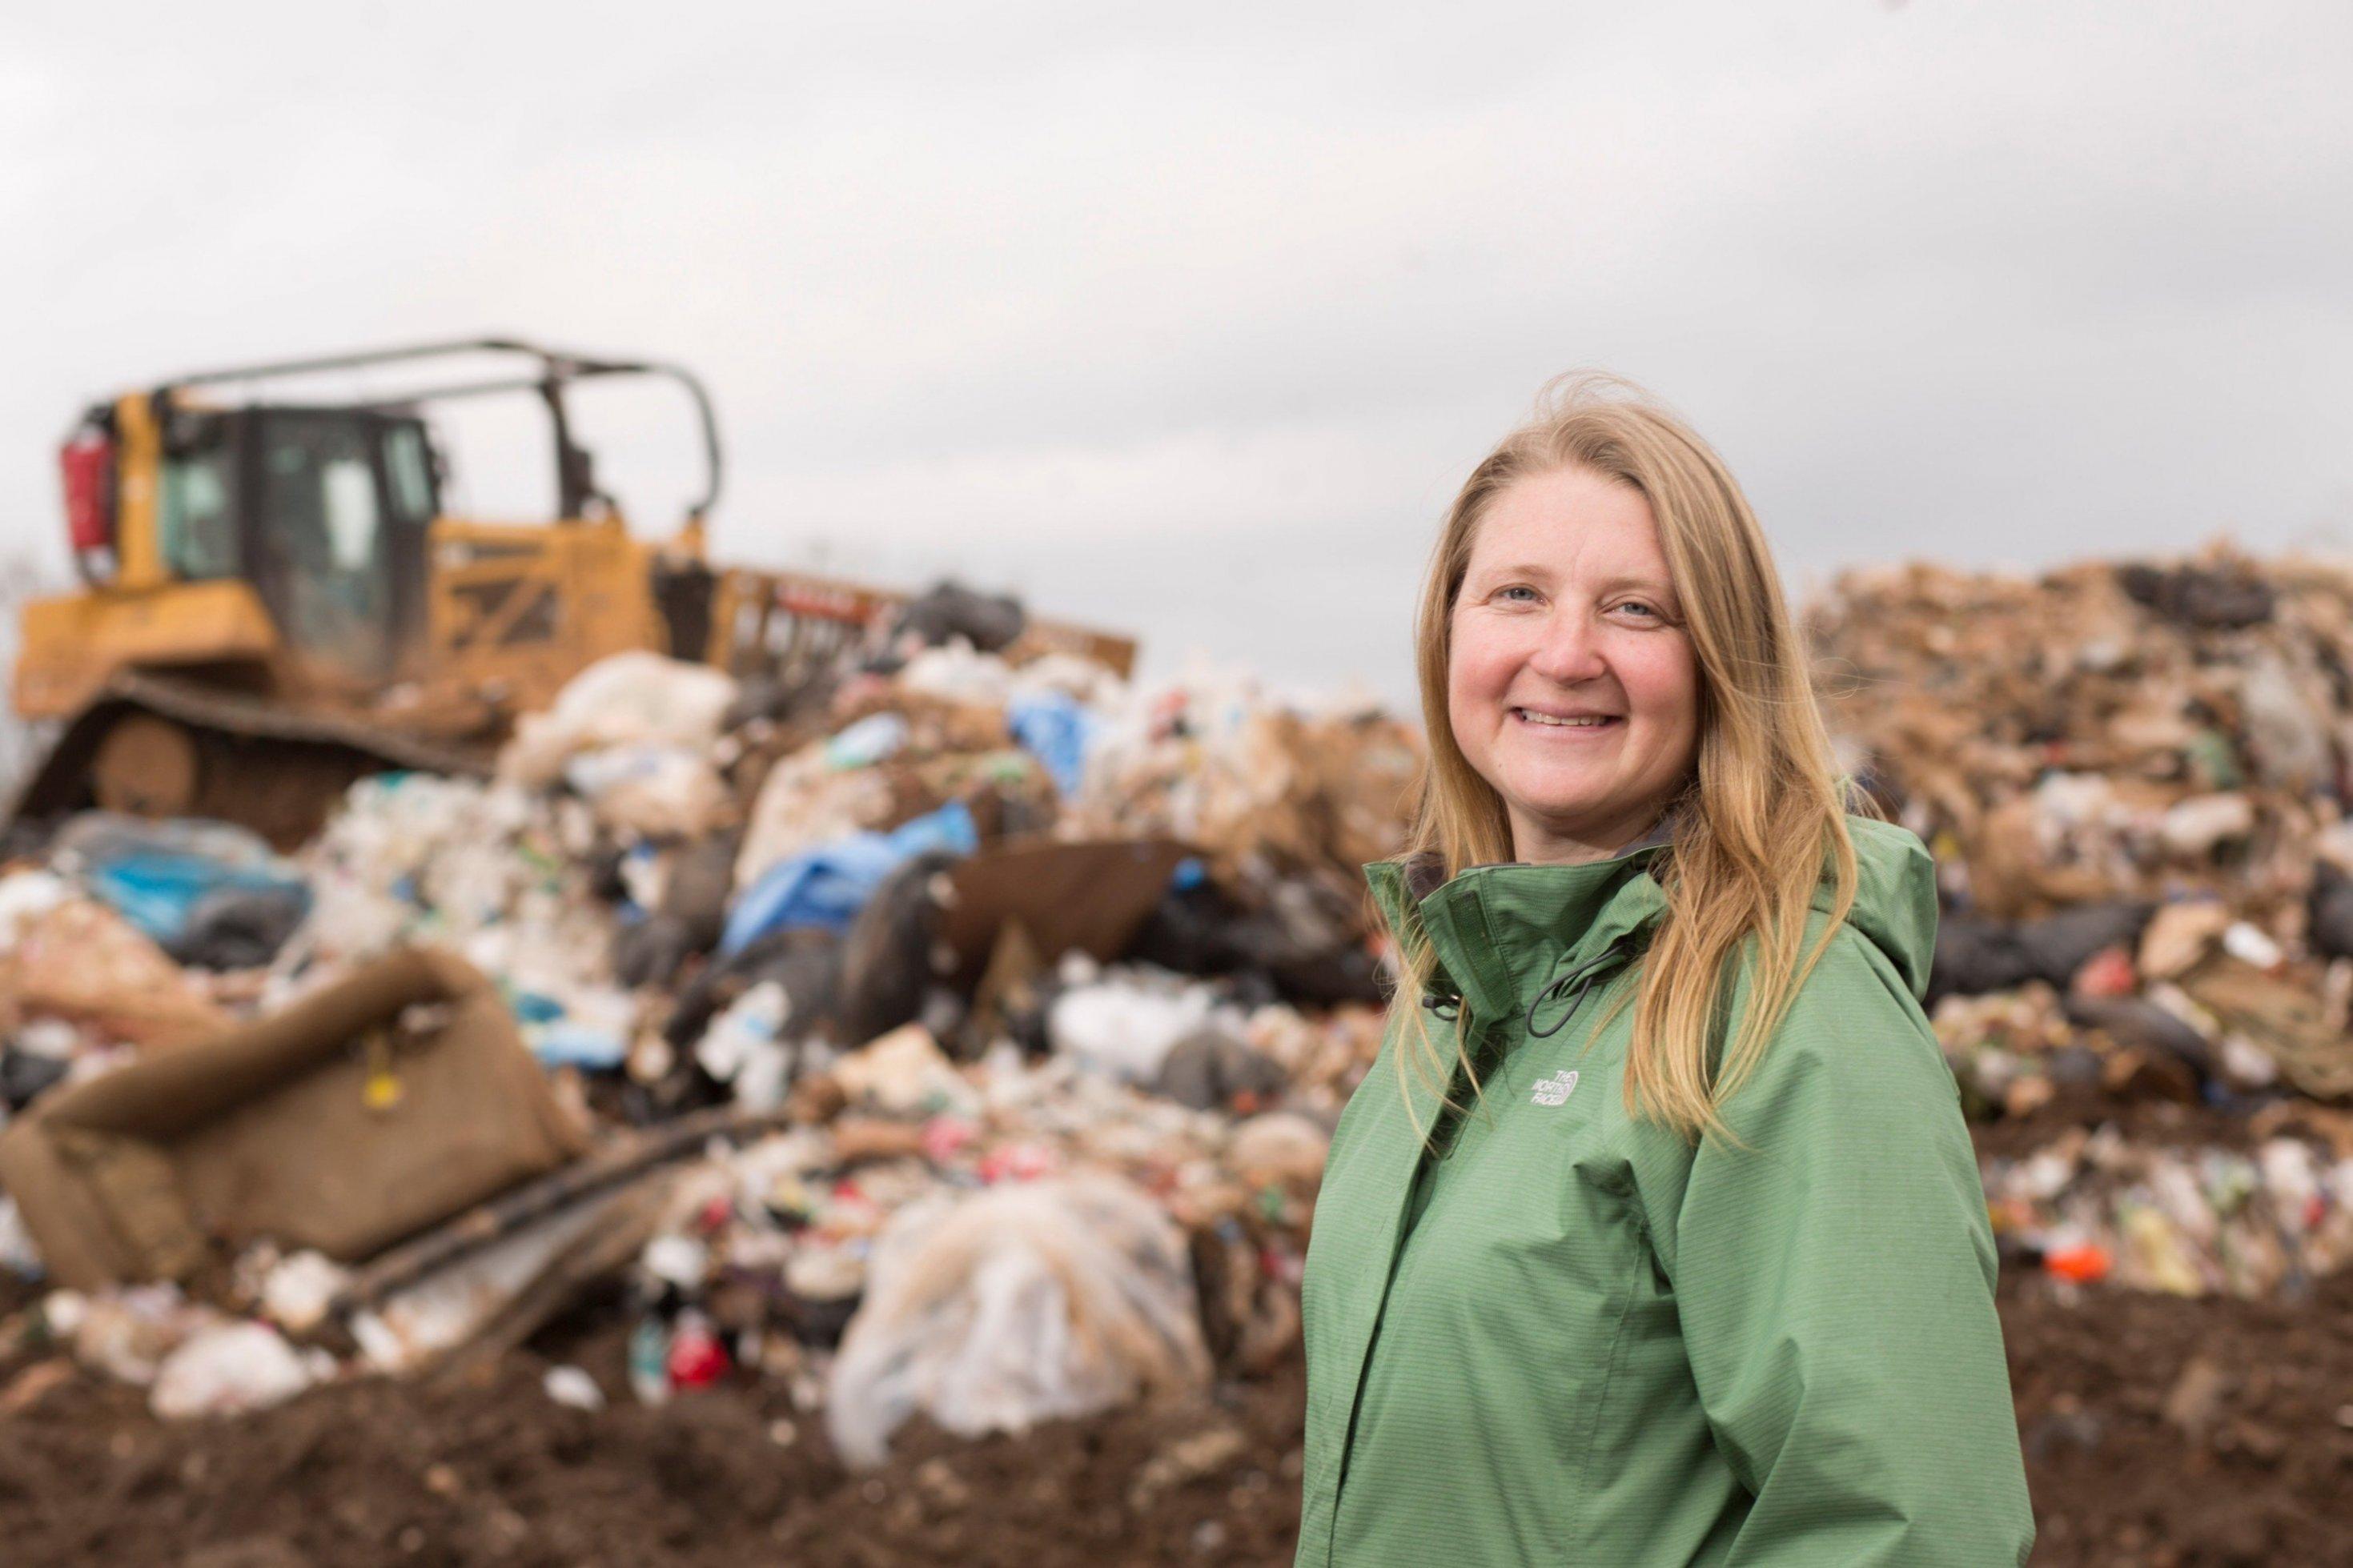 Umweltingenieurin Jenna Jambeck steht in grüner Jacke vor einer Mülldeponie und einem Bagger. Sie lächelt in die Kamera.